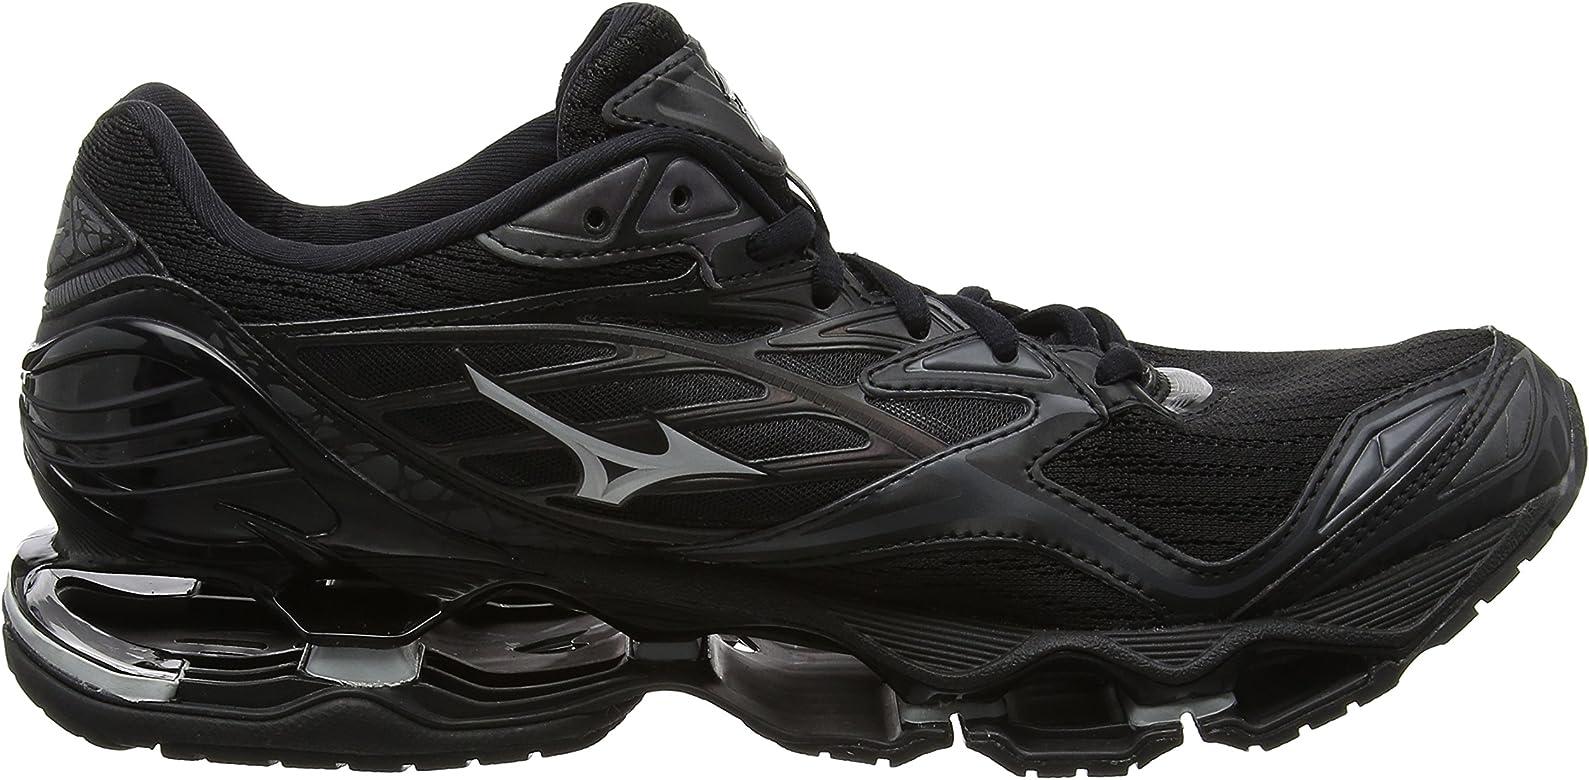 Mizuno Wave Prophecy 6 Nova, Zapatillas de Running para Hombre, Negro (Black/Silver), 46.5 EU: Amazon.es: Zapatos y complementos